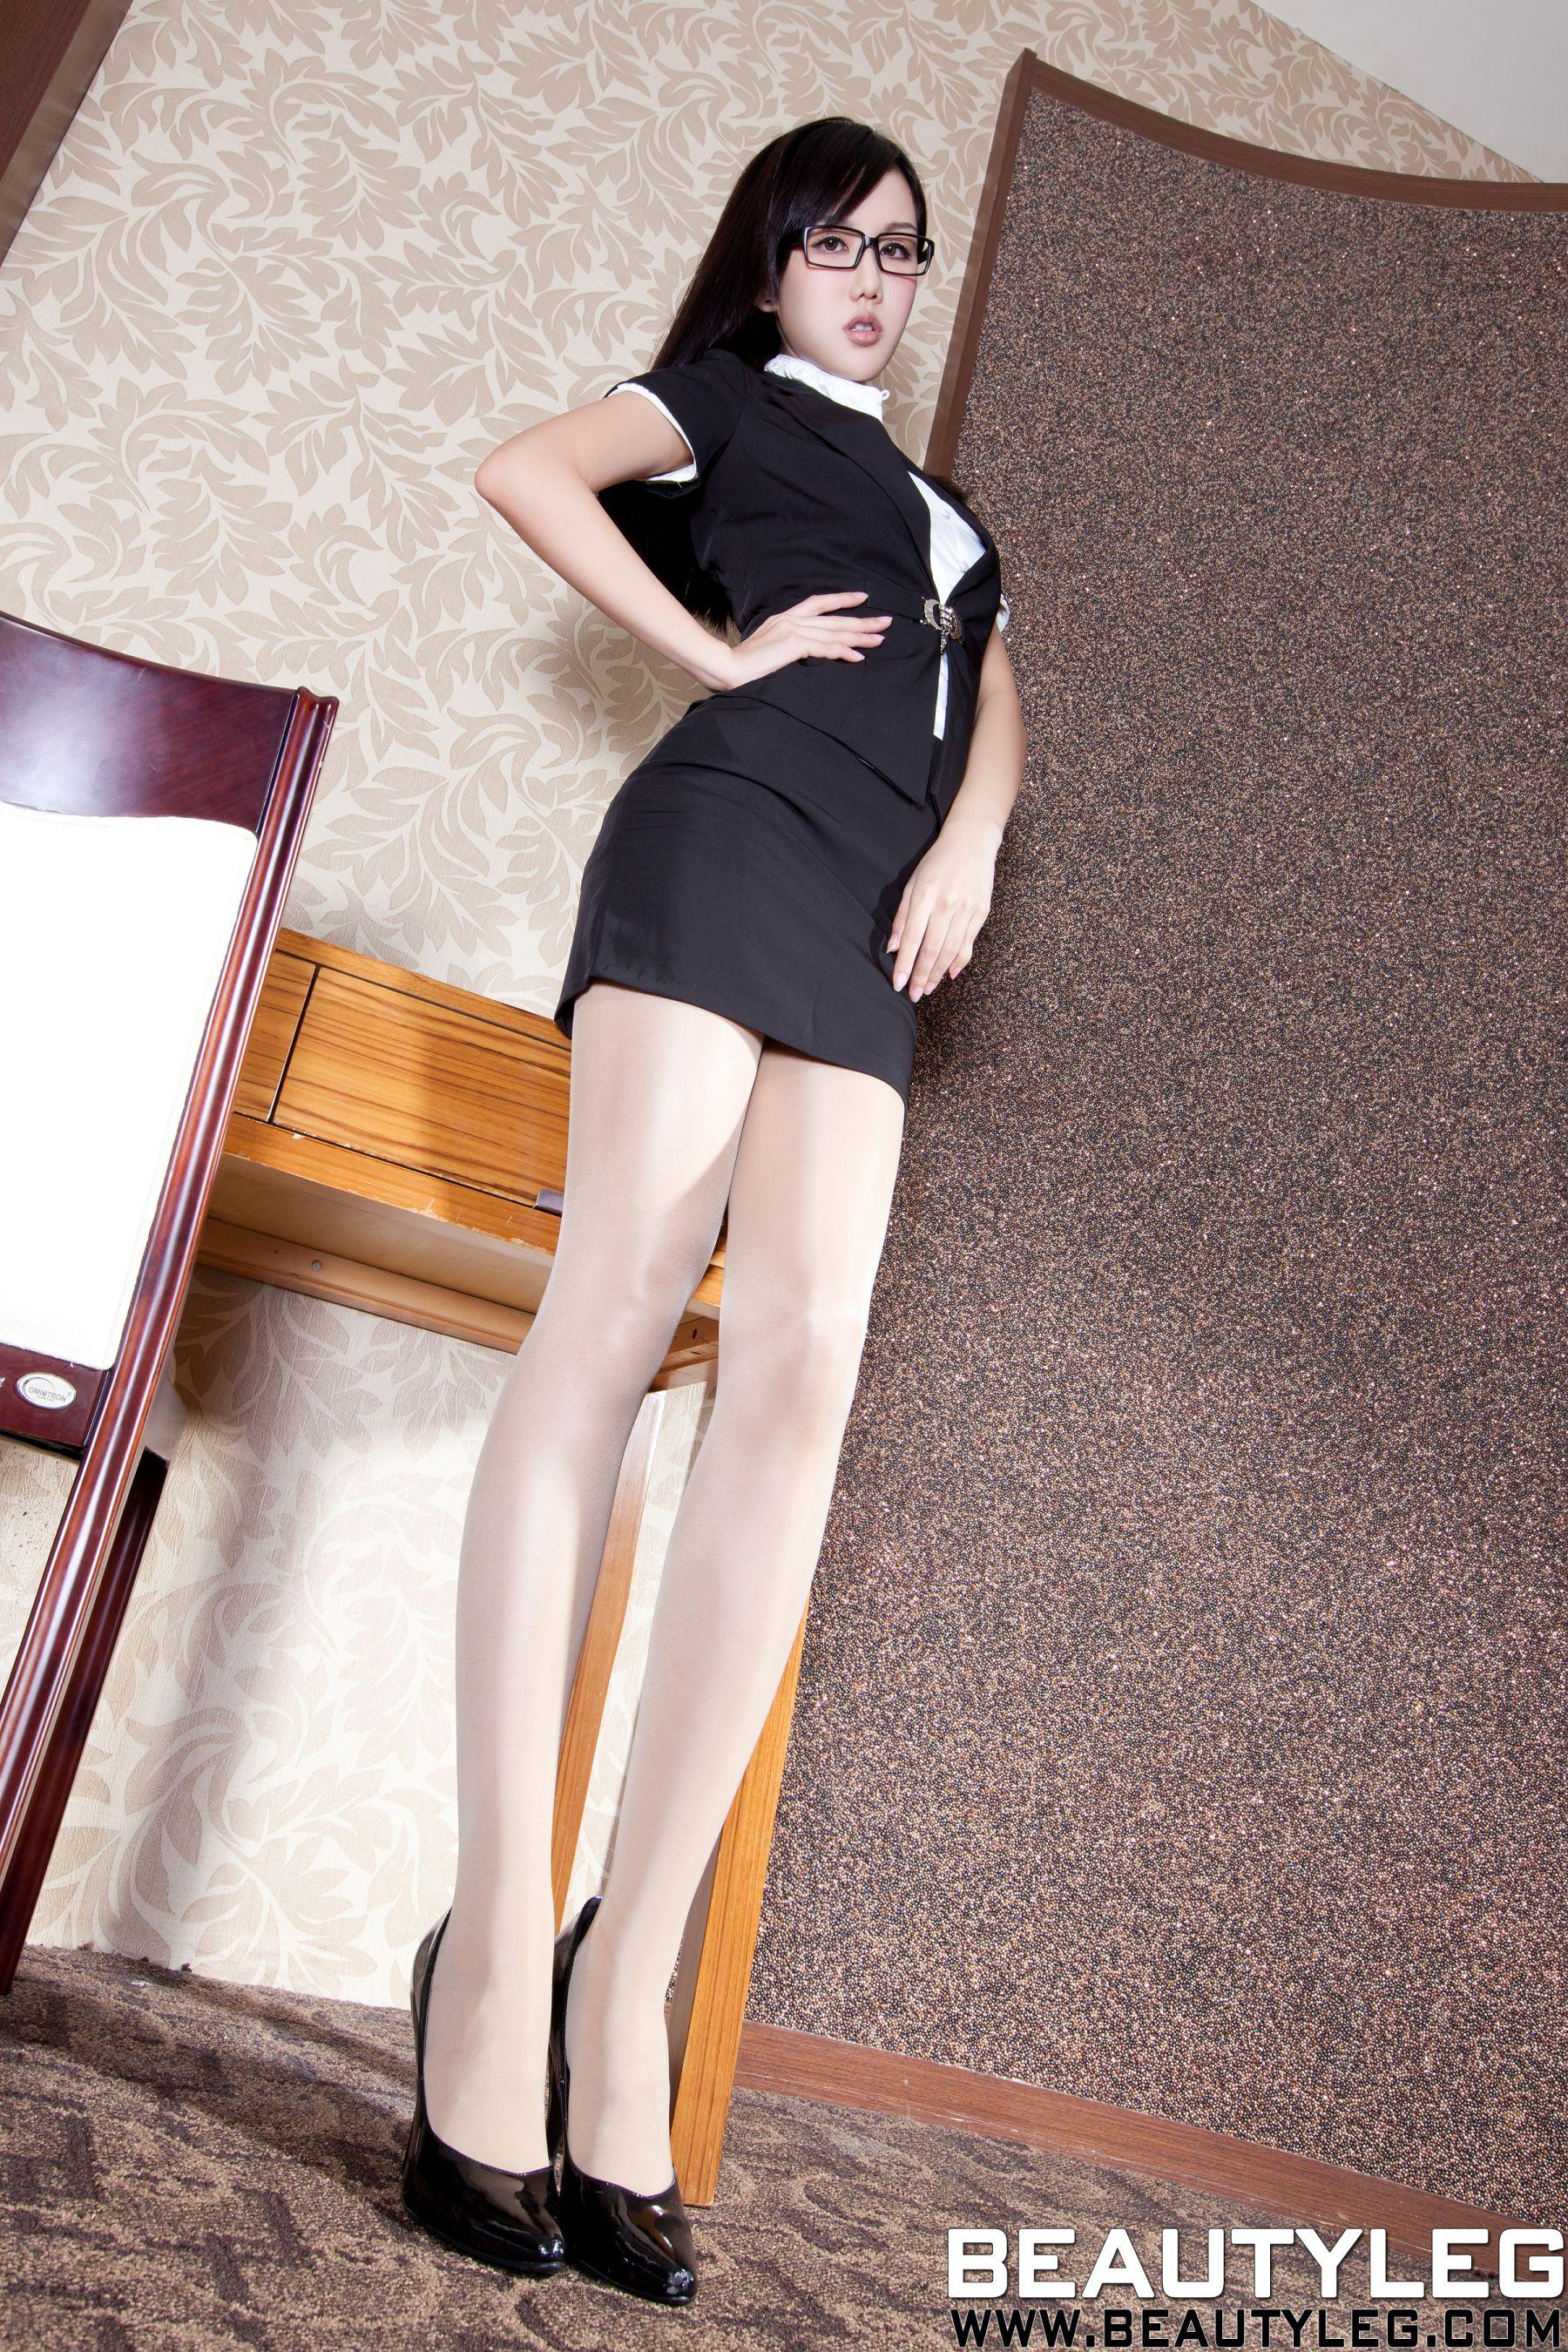 VOL.741 [Beautyleg]长腿美女:林瑞瑜(Beautyleg Sara,腿模Sara)高品质写真套图(62P)